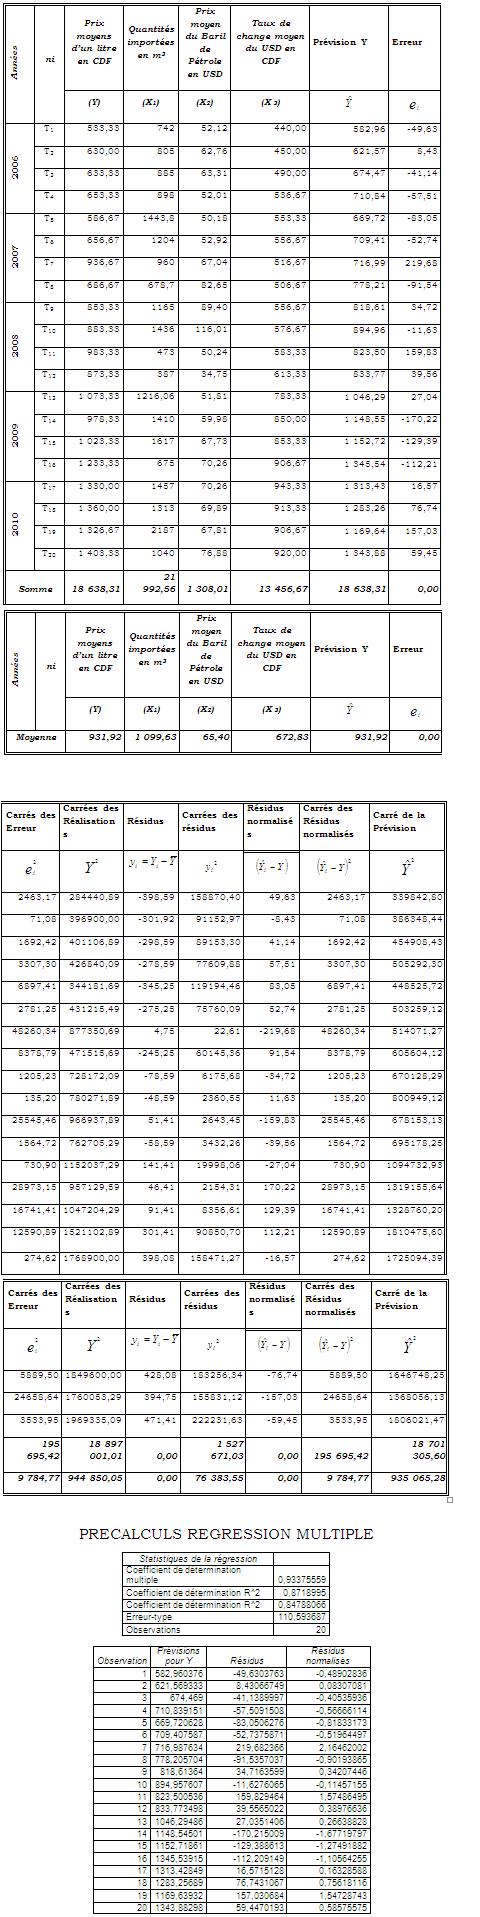 Tableaux Intermédiaires des Calculs